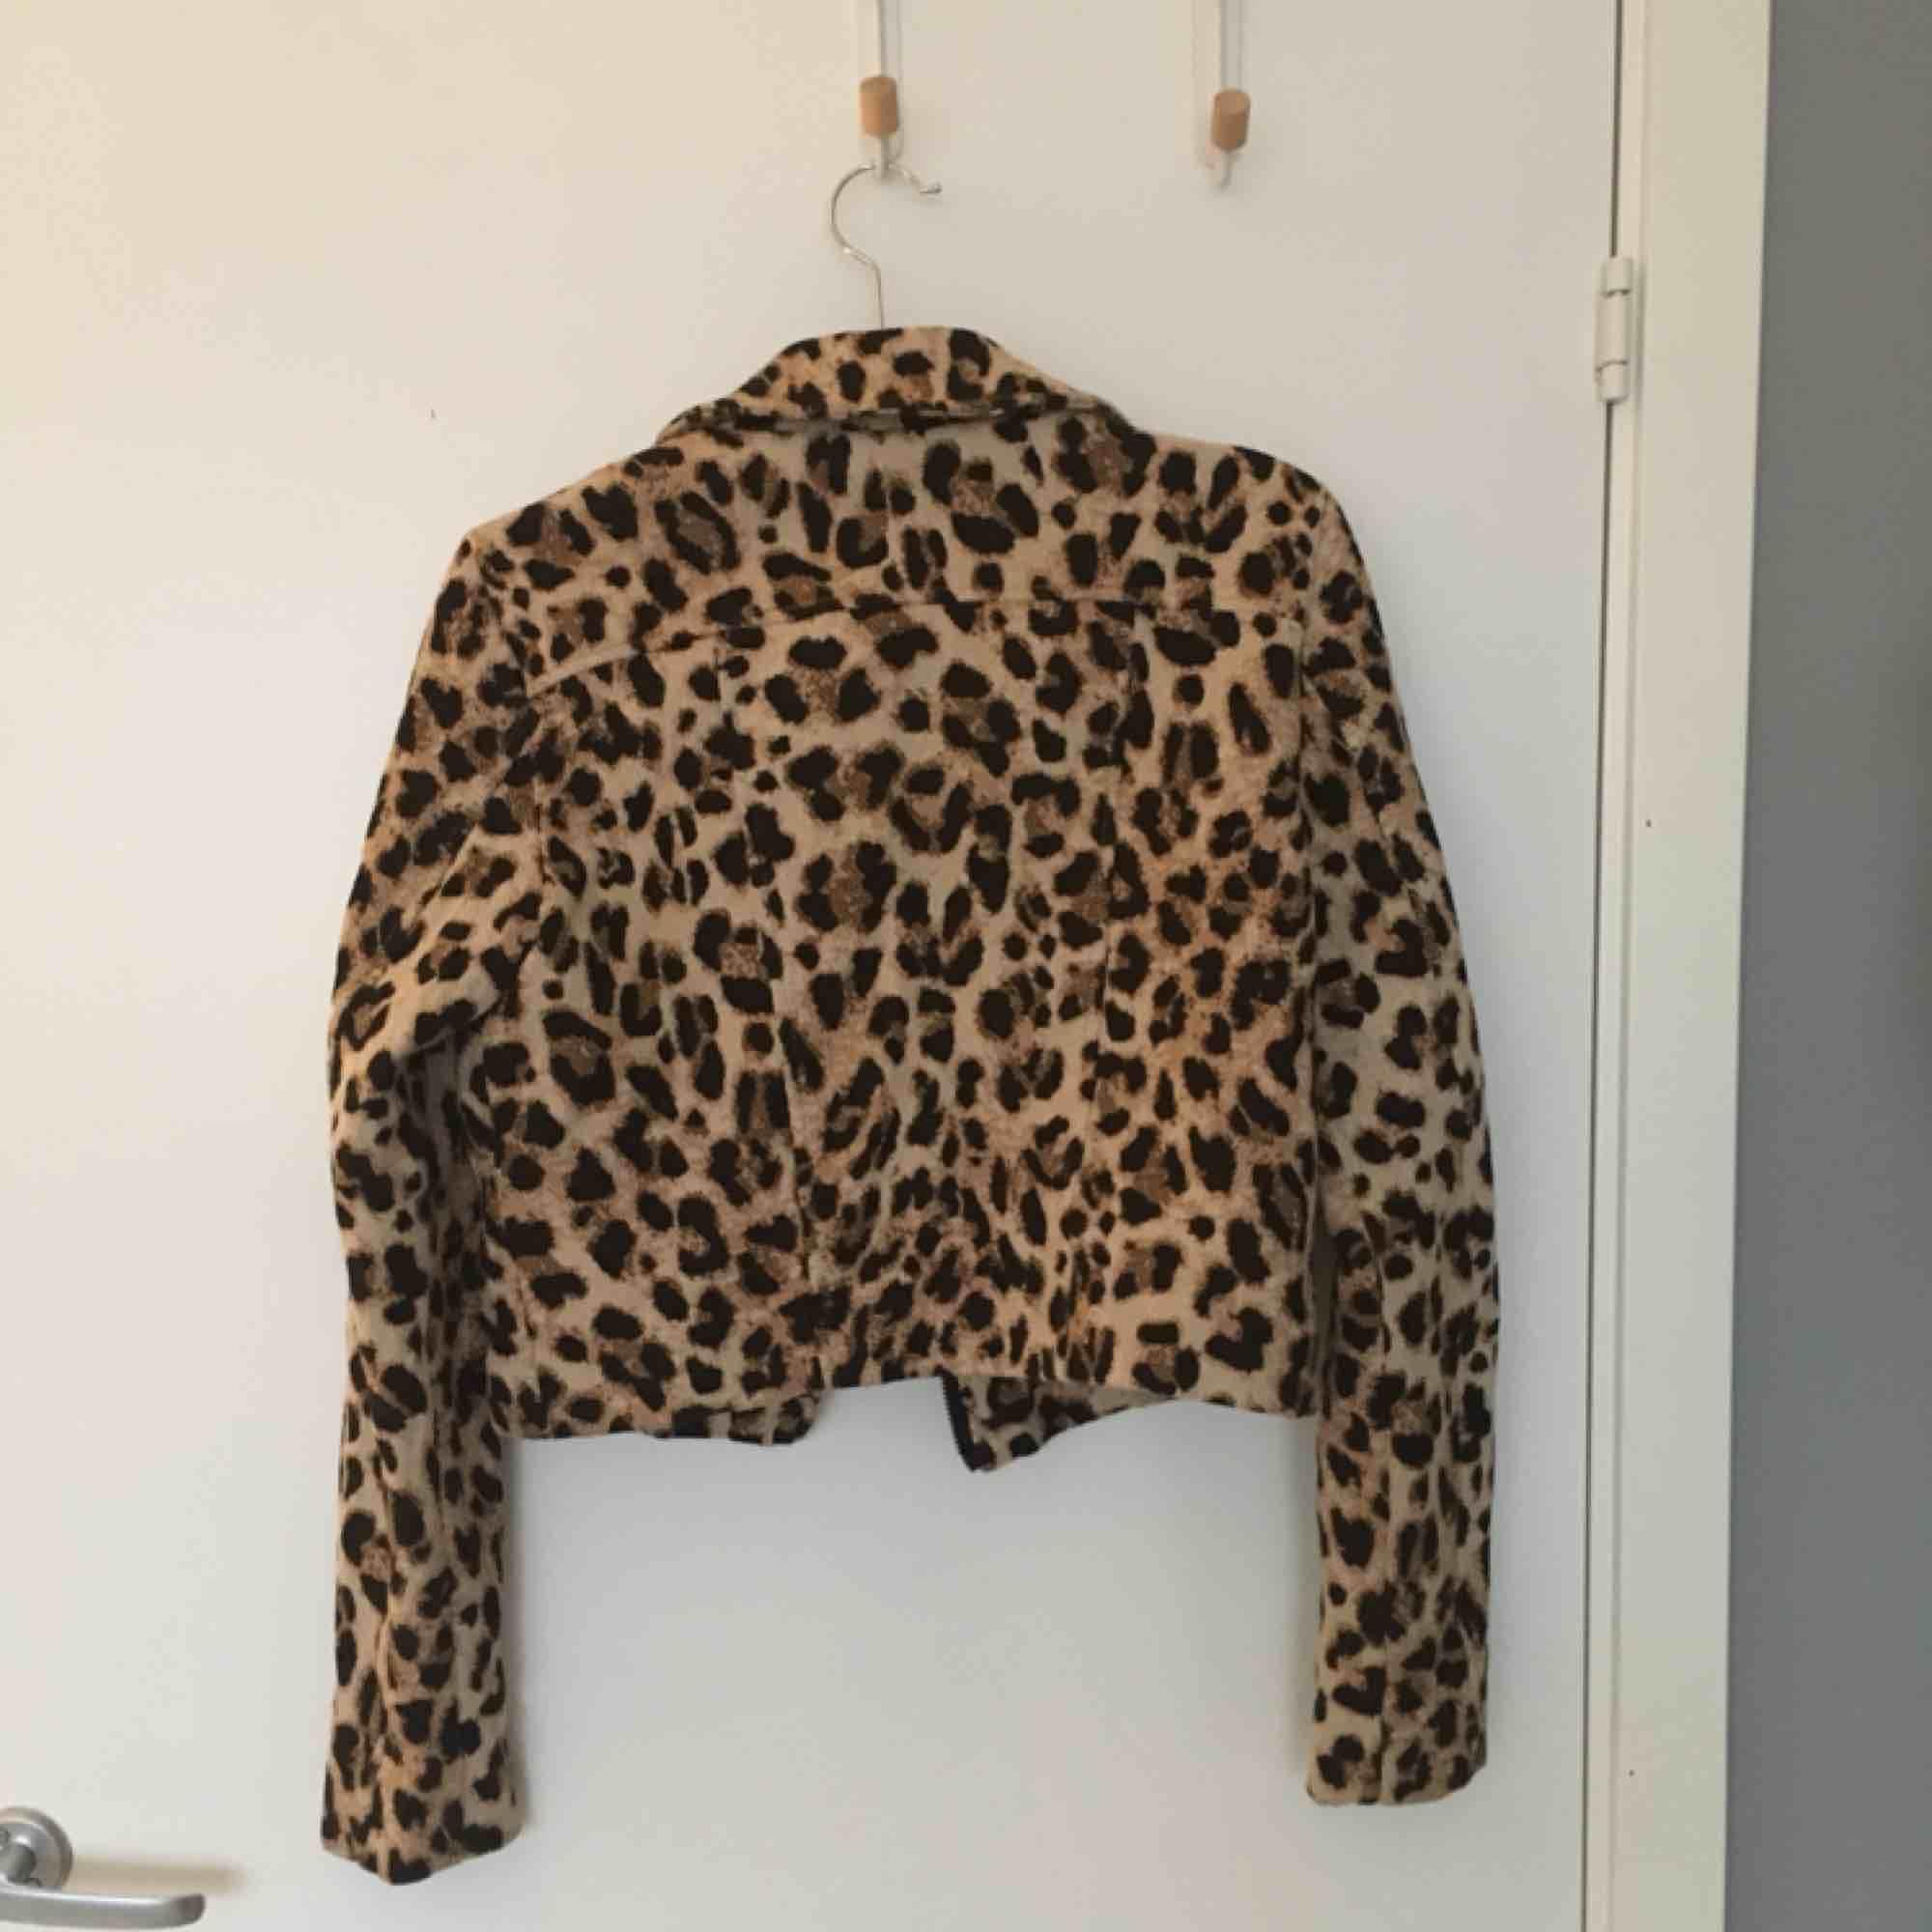 Midjekort leopard jacka i storlek 36. Sitter fint och skönt på. 170 kr inklusive frakt, skickas inom ett dygn. . Jackor.